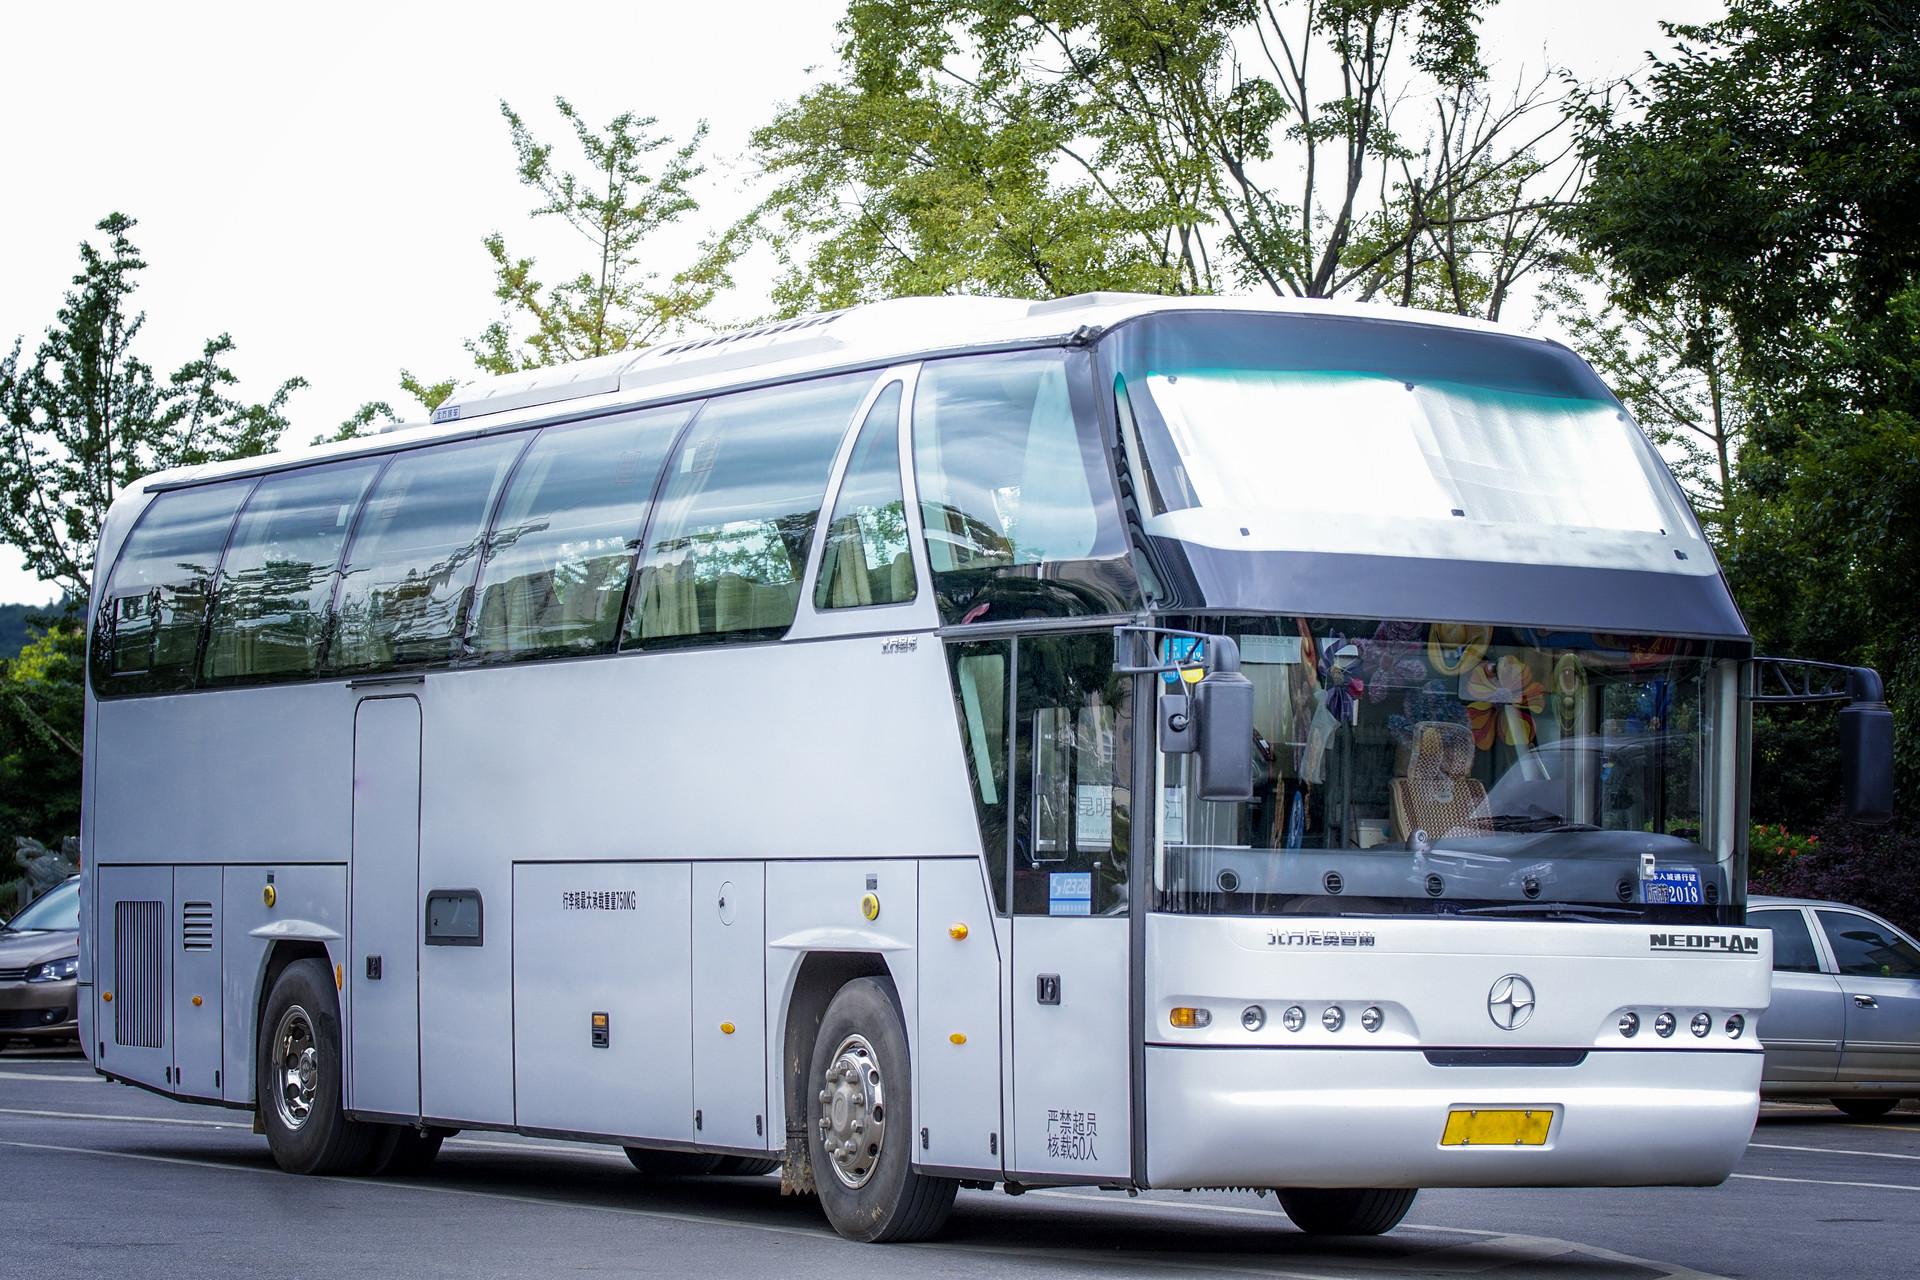 2019深圳第一批公交线网调整 新增6条调整42条